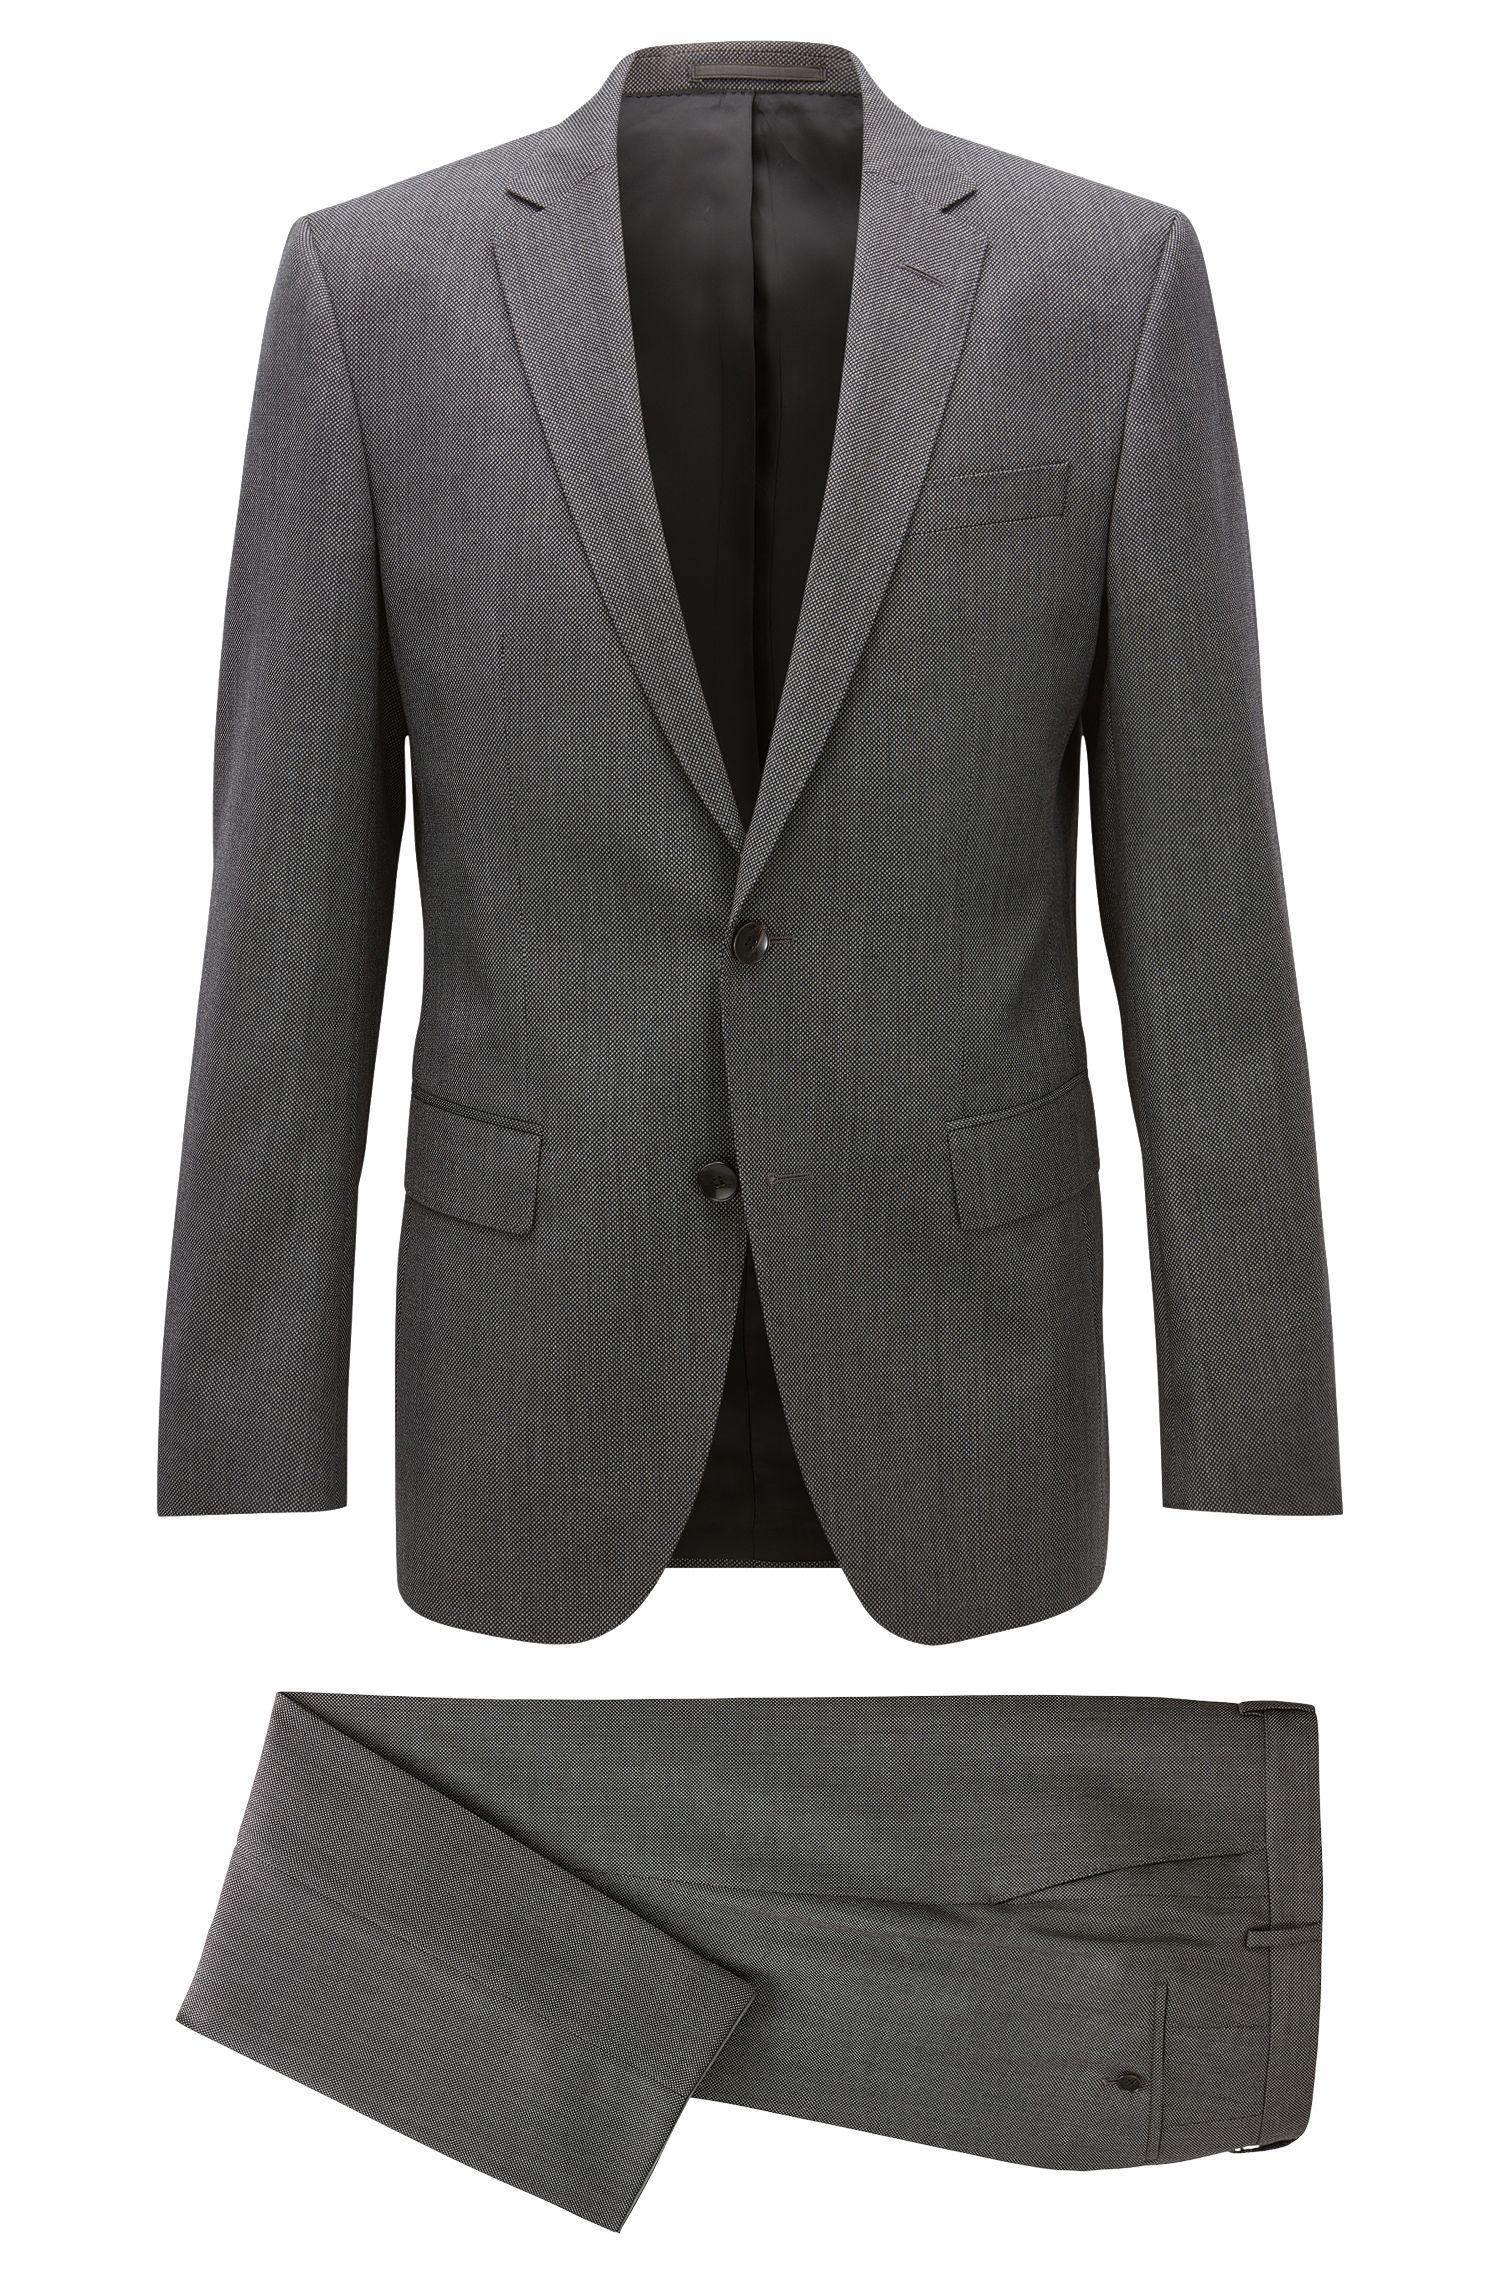 Birdseye Super 100 Virgin Wool Suit, Slim Fit   Huge/Genius